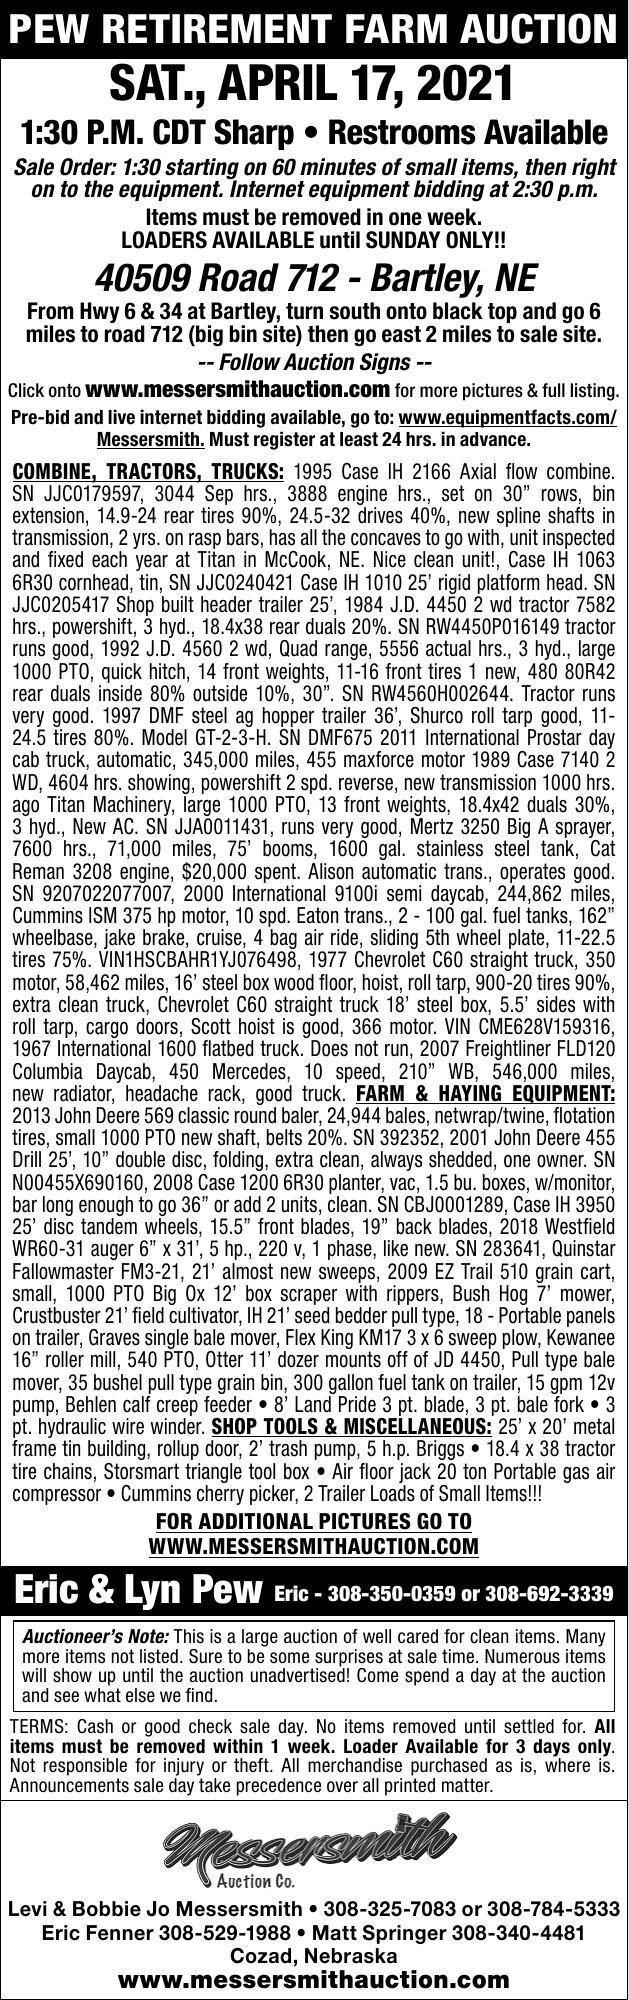 Pew Retirement Farm Auction